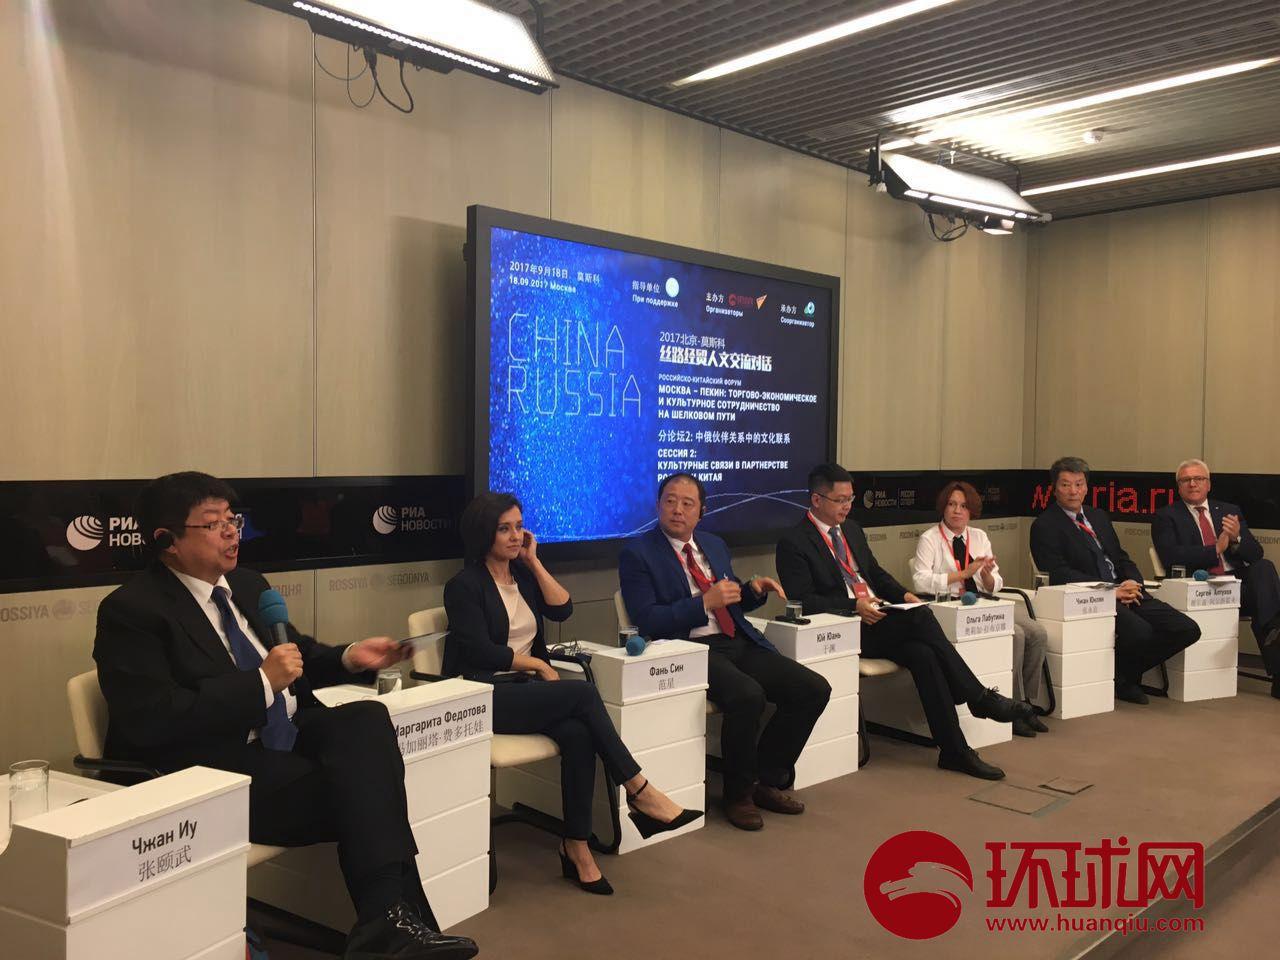 张永良:希望中国跟俄罗斯将来在马拉松方面多做交流